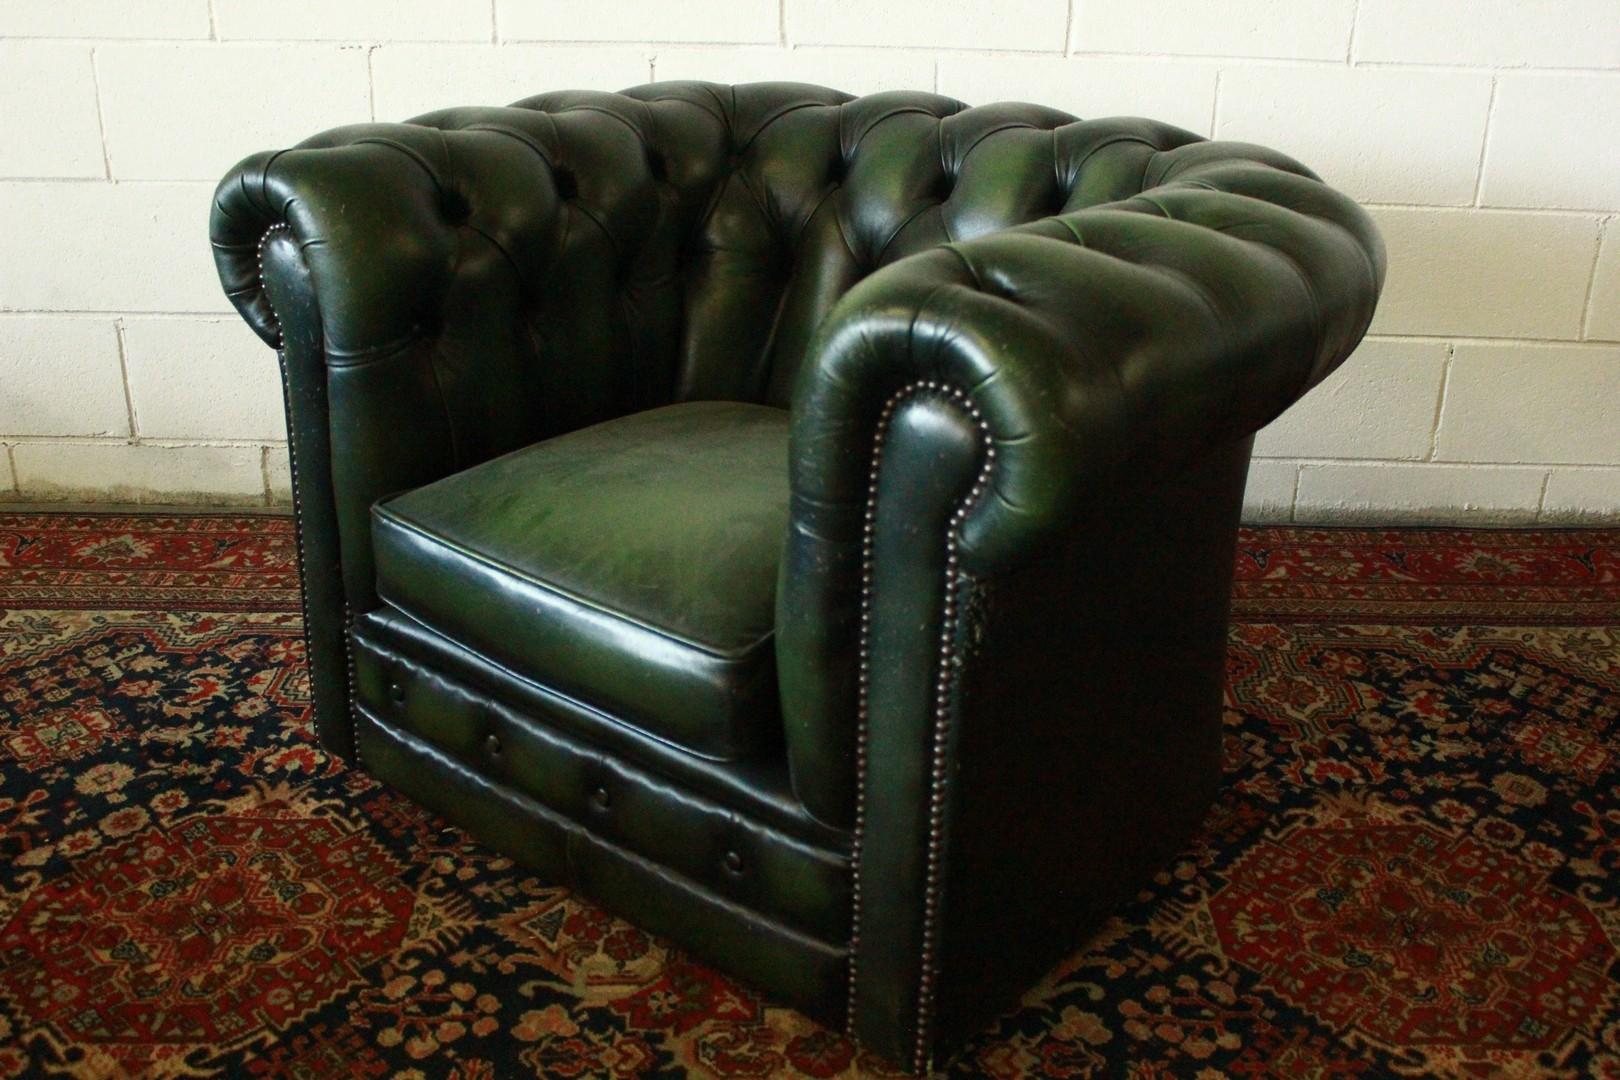 Poltrona Pelle Verde.Dettagli Su Poltrona Club Chesterfield Chester Pelle Verde Inglese Original